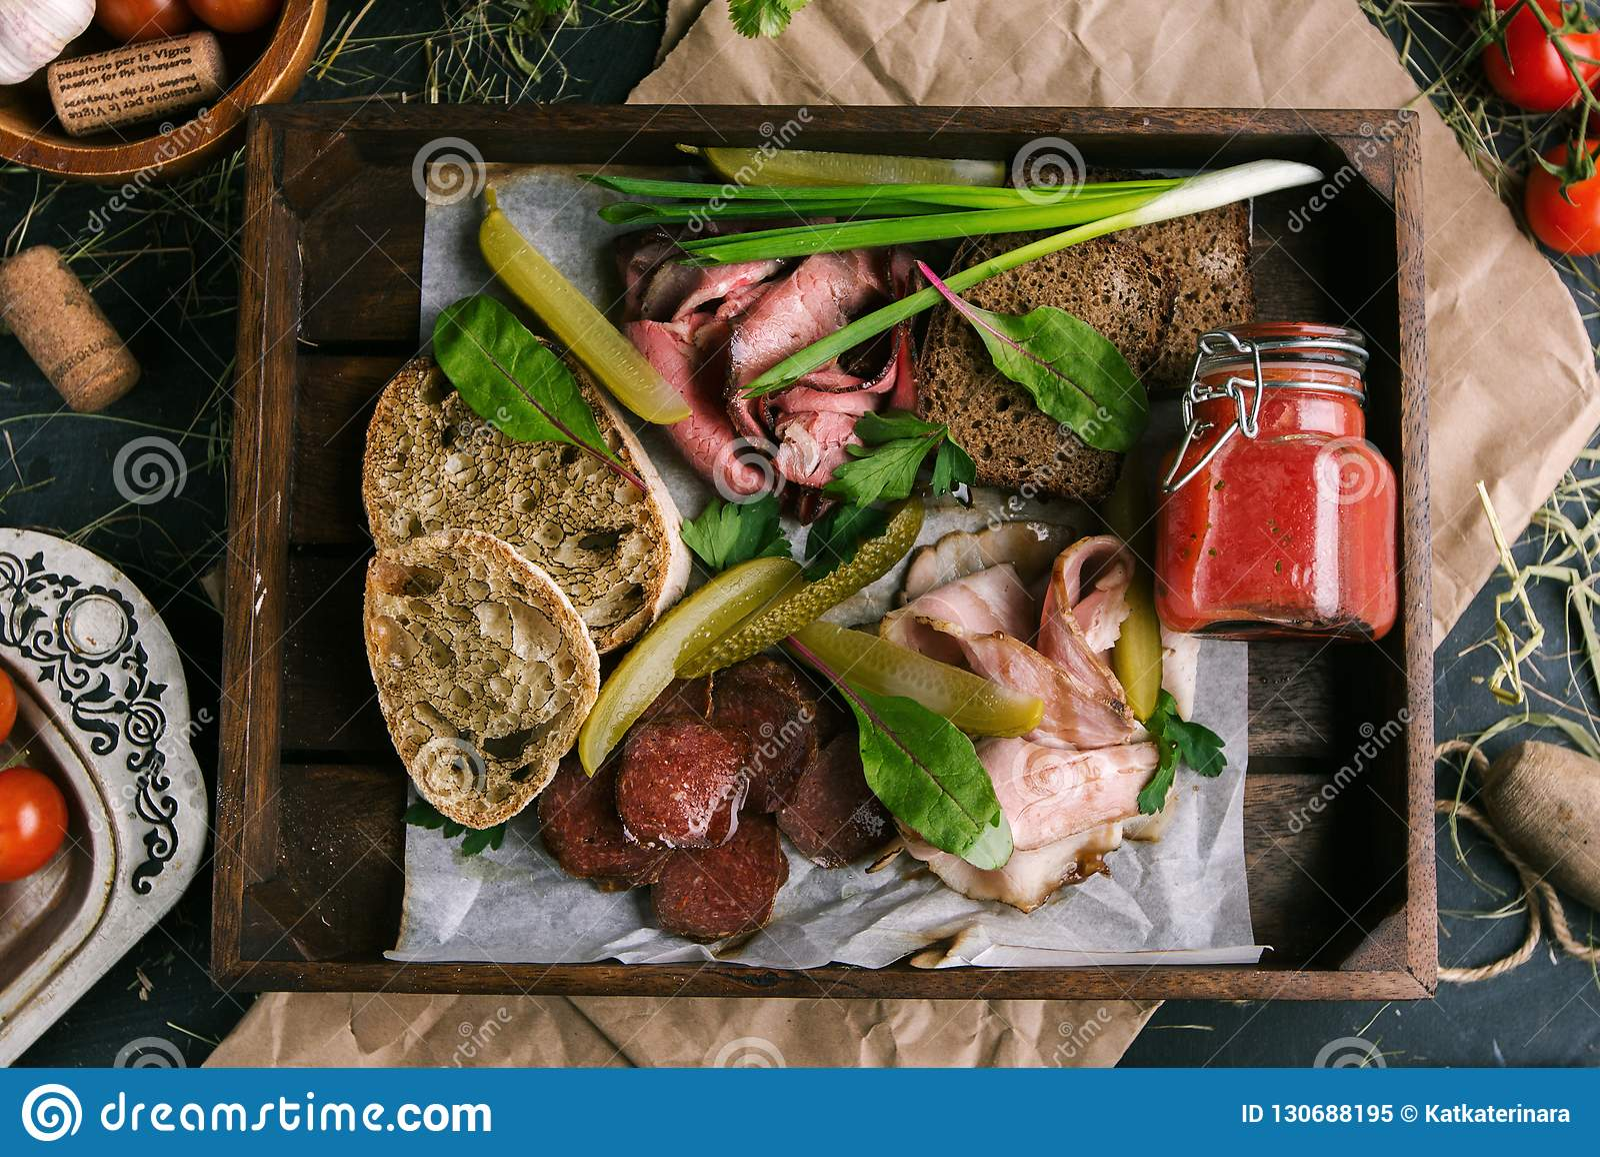 Köttmellanmål med rostat bröd och grönsaker i en restaurang